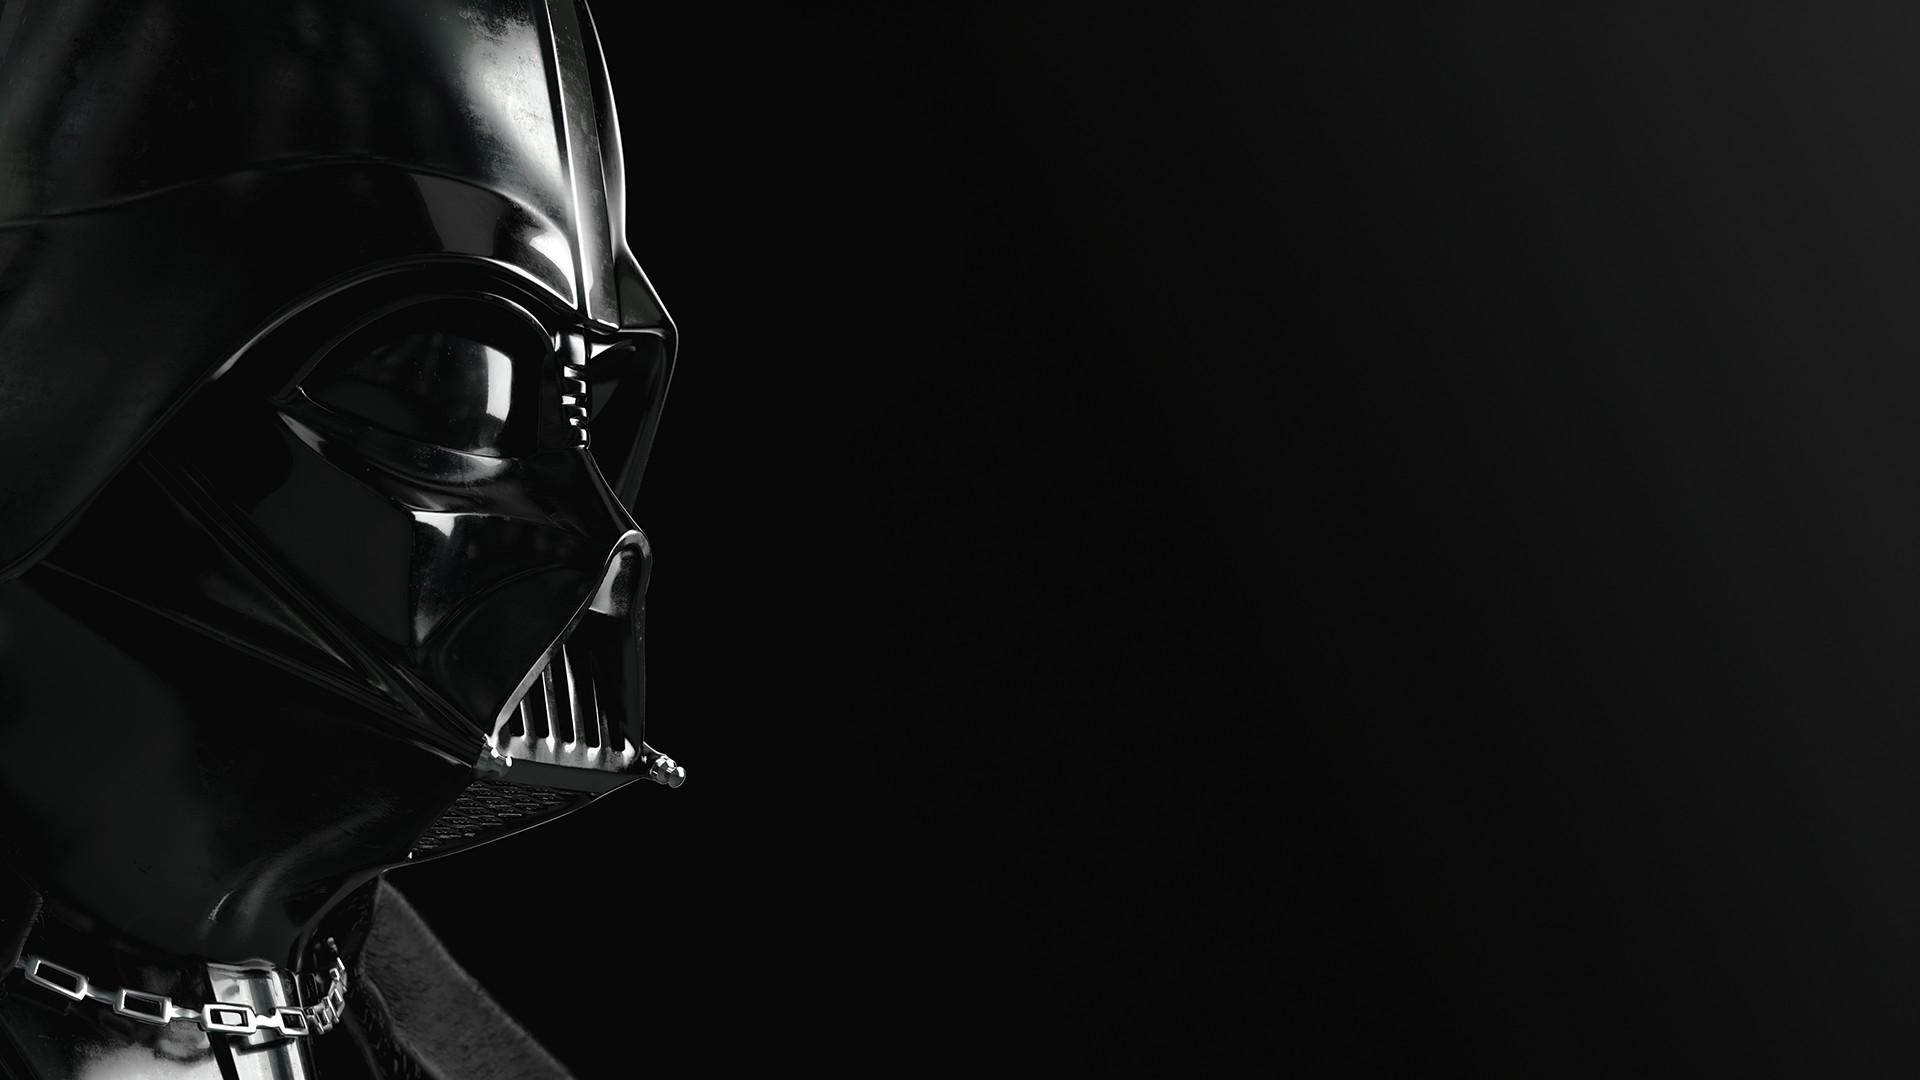 Sad Quotes Wallpaper Iphone 5 Darth Vader Wallpaper Hd 1920x1080 183 ① Download Free